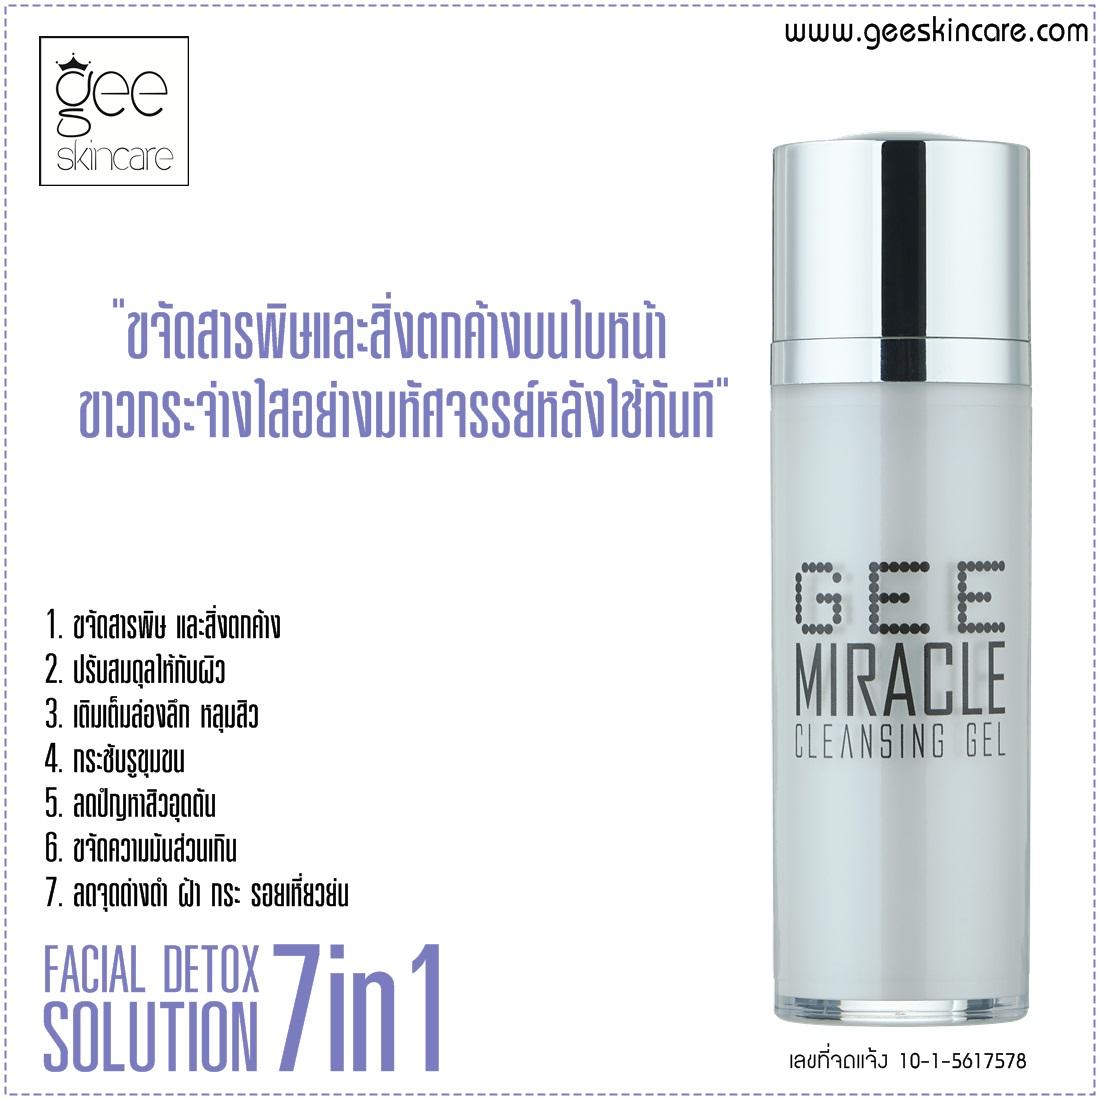 GEE Miracle Cleansing Gel (30ml.)(ขนาดใหม่)